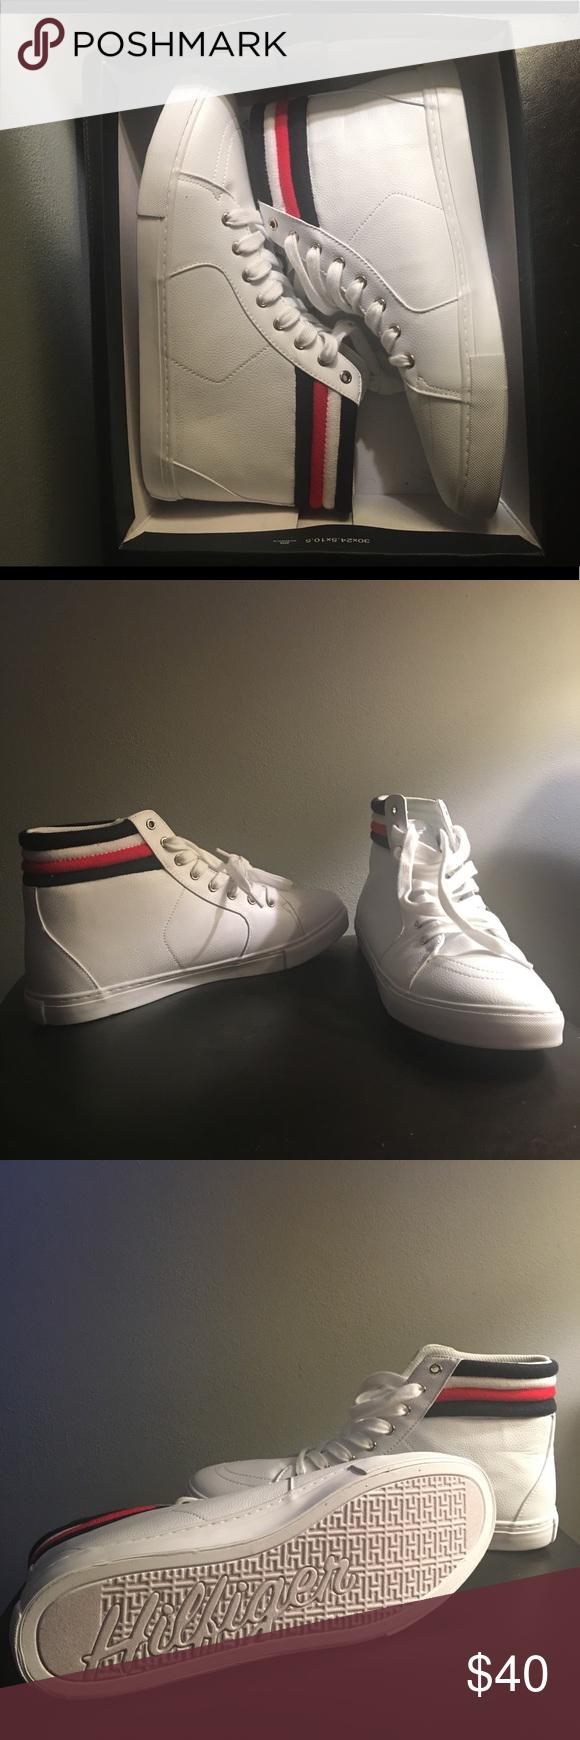 0f2eebbeb5ada Tommy Hilfiger Lowgen Sneaker Tommy Hilfiger Women s Lowgen Hightop Sneaker  Slightly worn but in great condition Women s Size 11M Tommy Hilfiger Shoes  ...